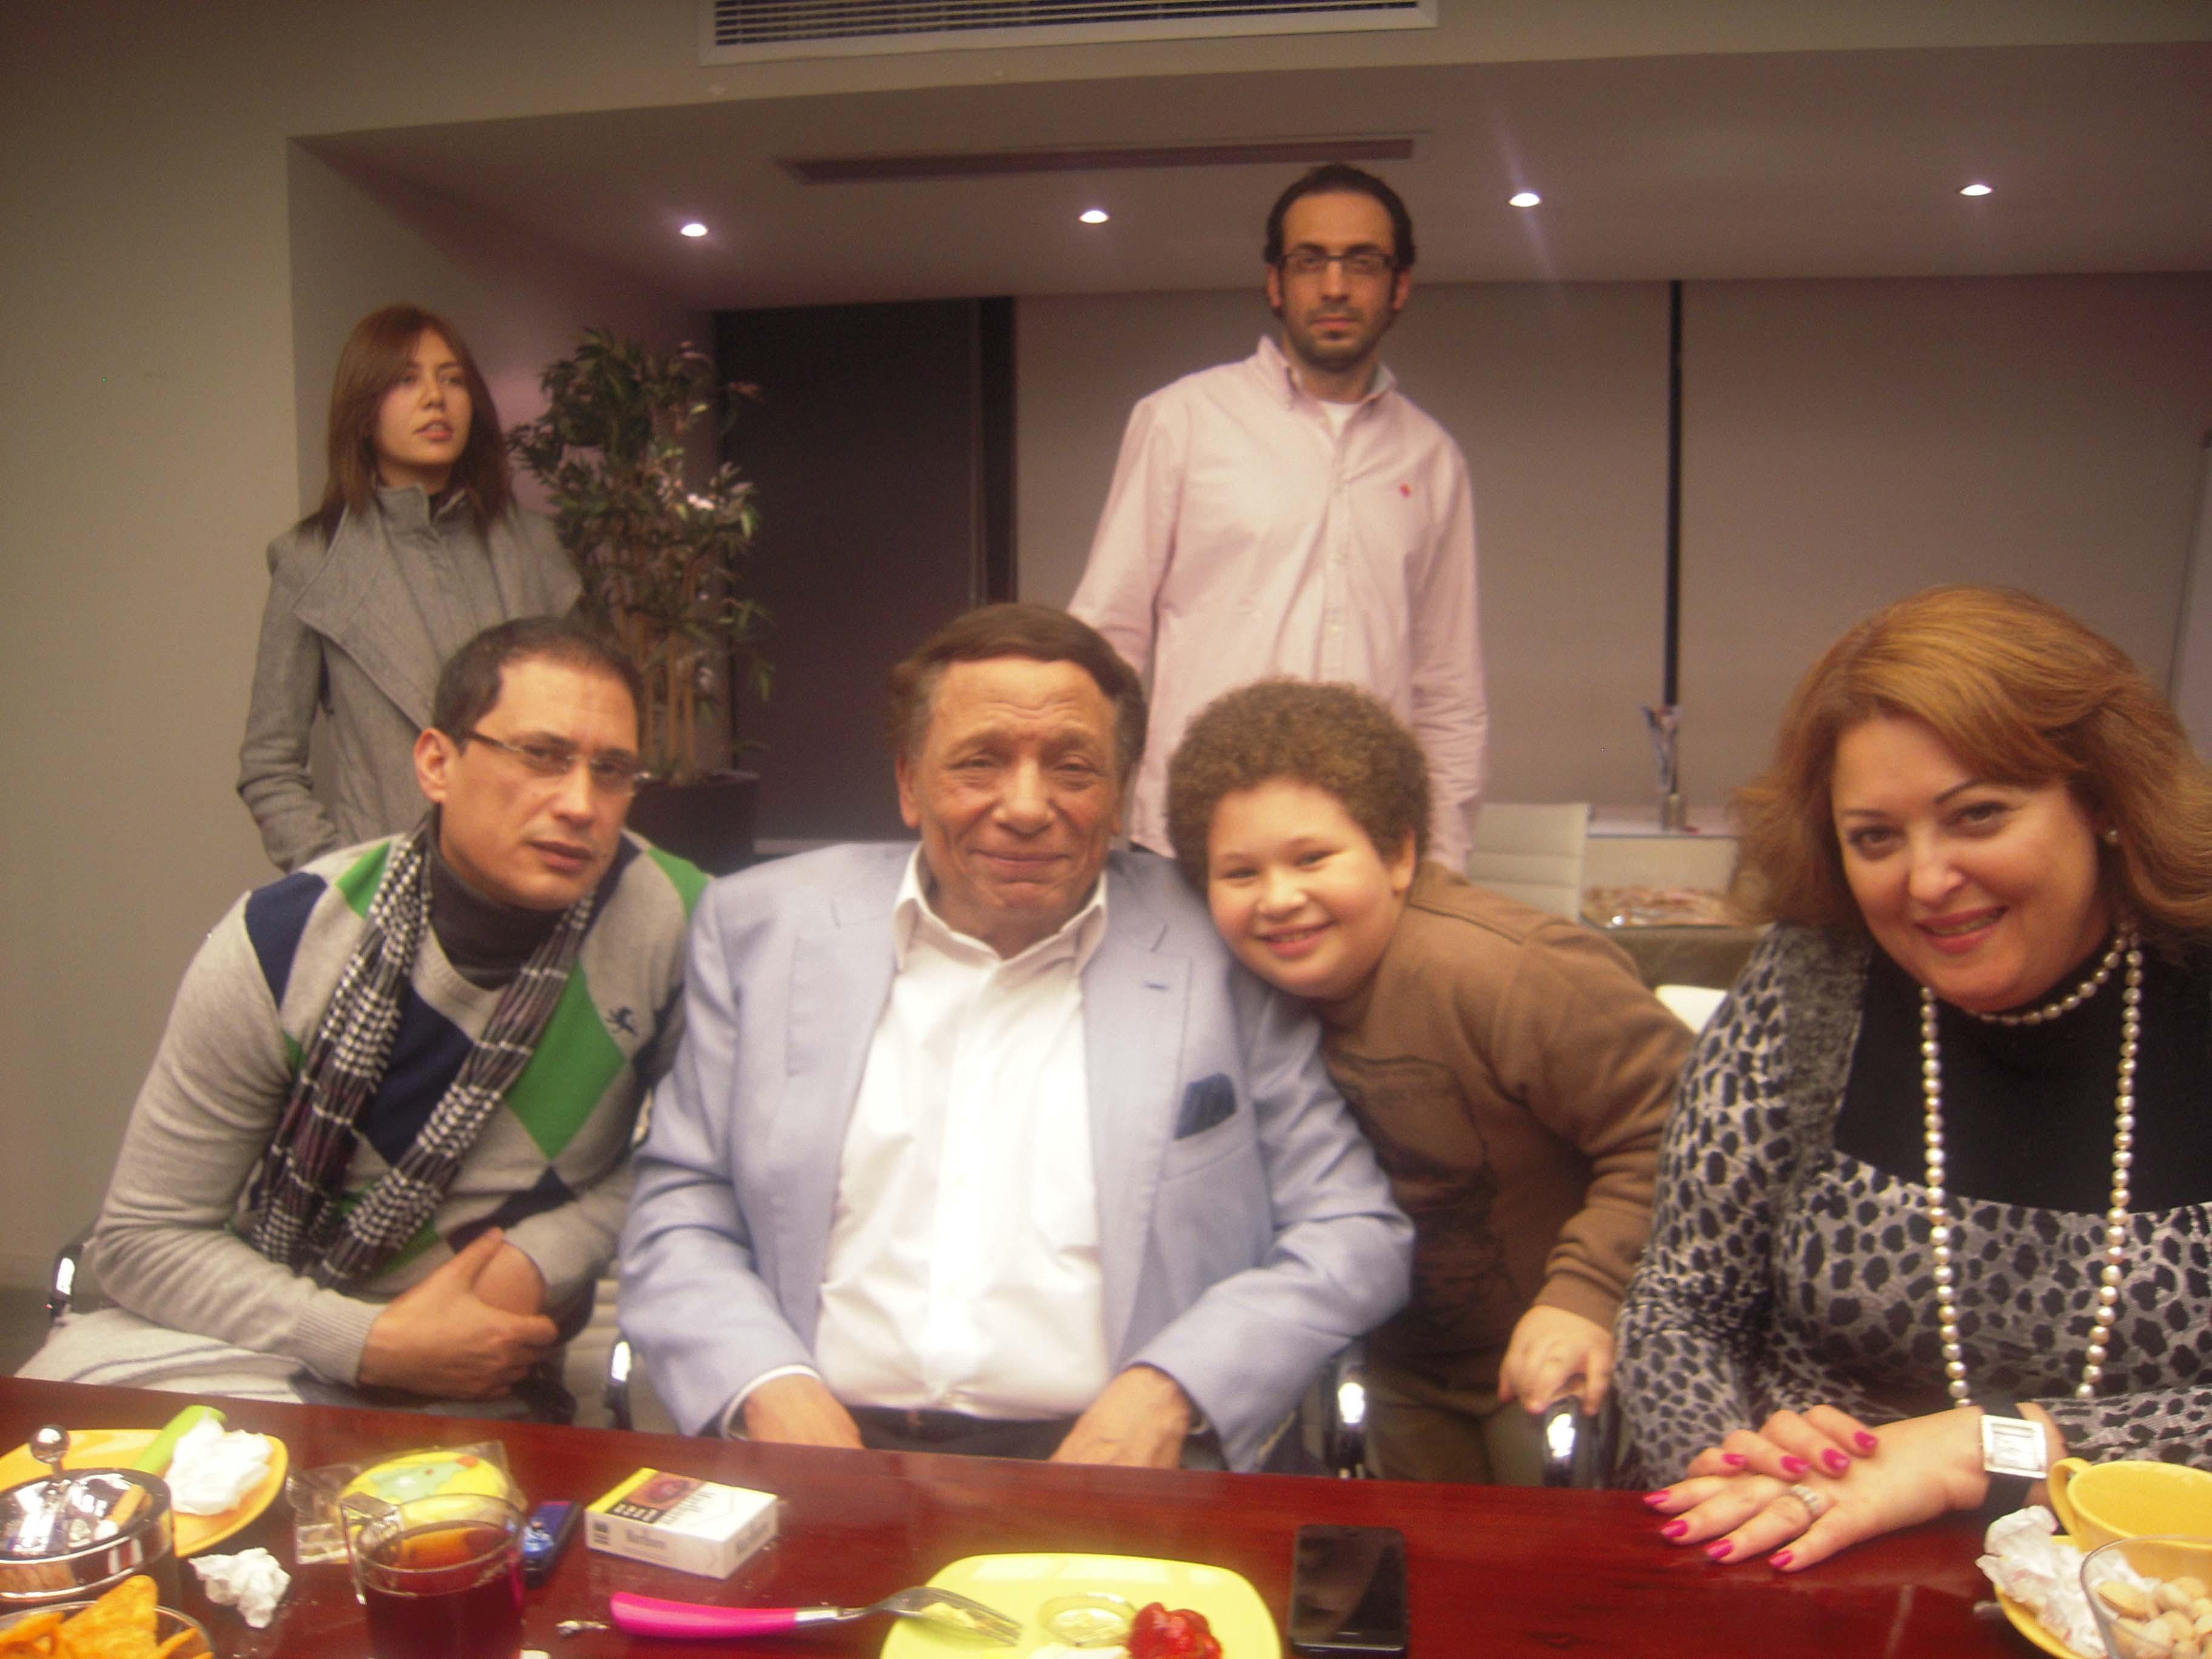 ��� ����� ���� �������� 2015 , ���� ��� ������ ���� �������� 2015 ��Mohamed Al Fakharany